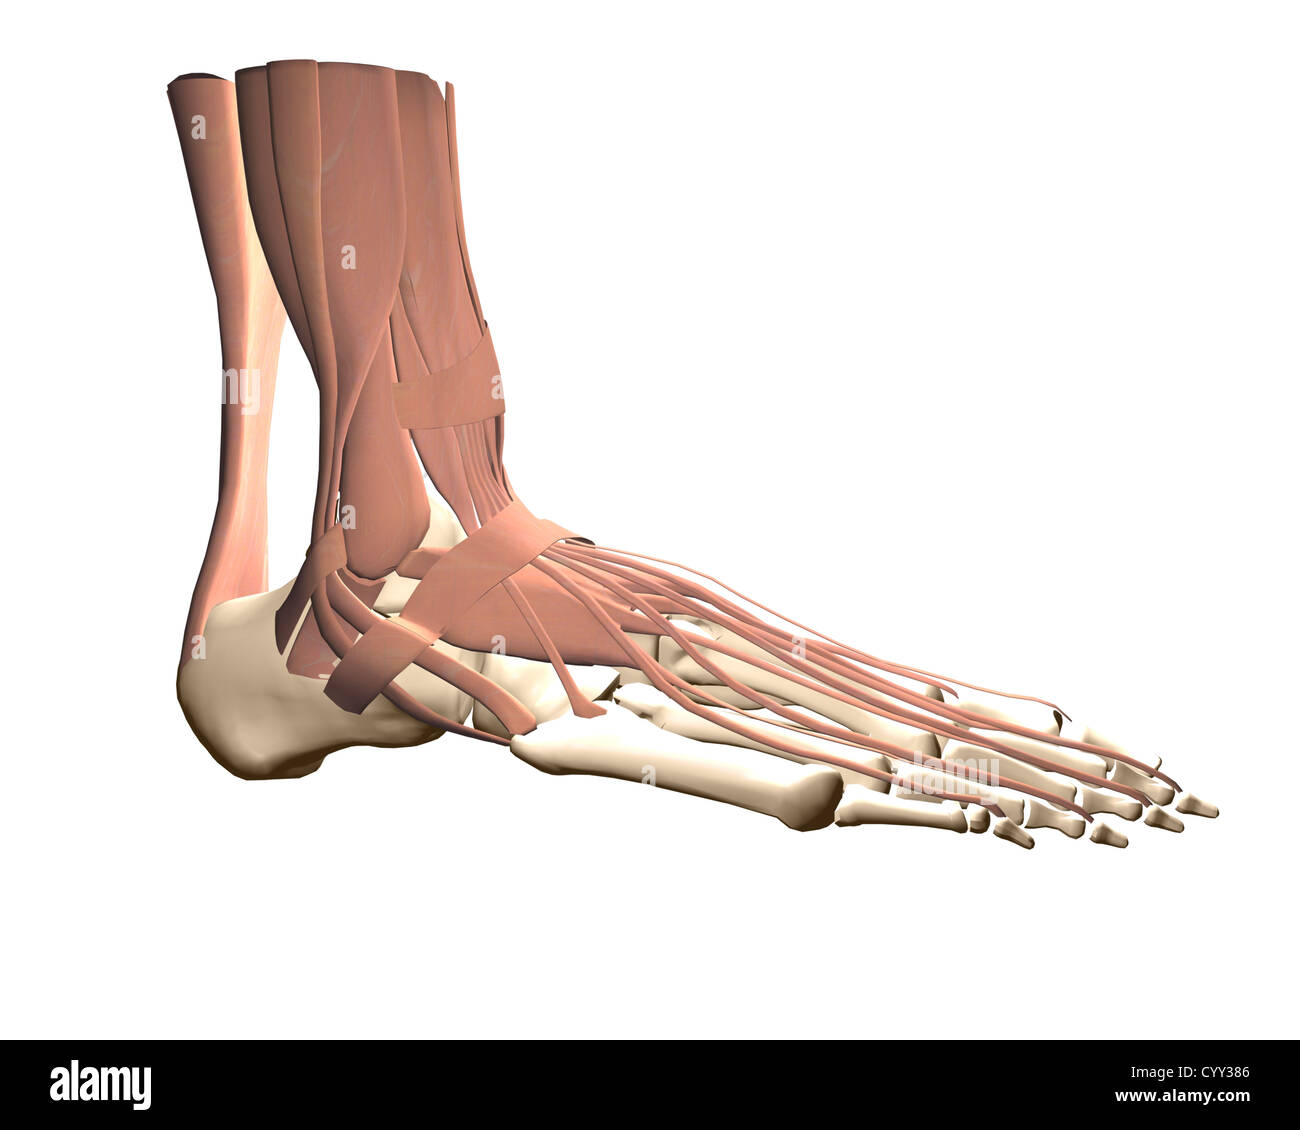 Anatomie des menschlichen Fußes Stockfoto, Bild: 51611734 - Alamy